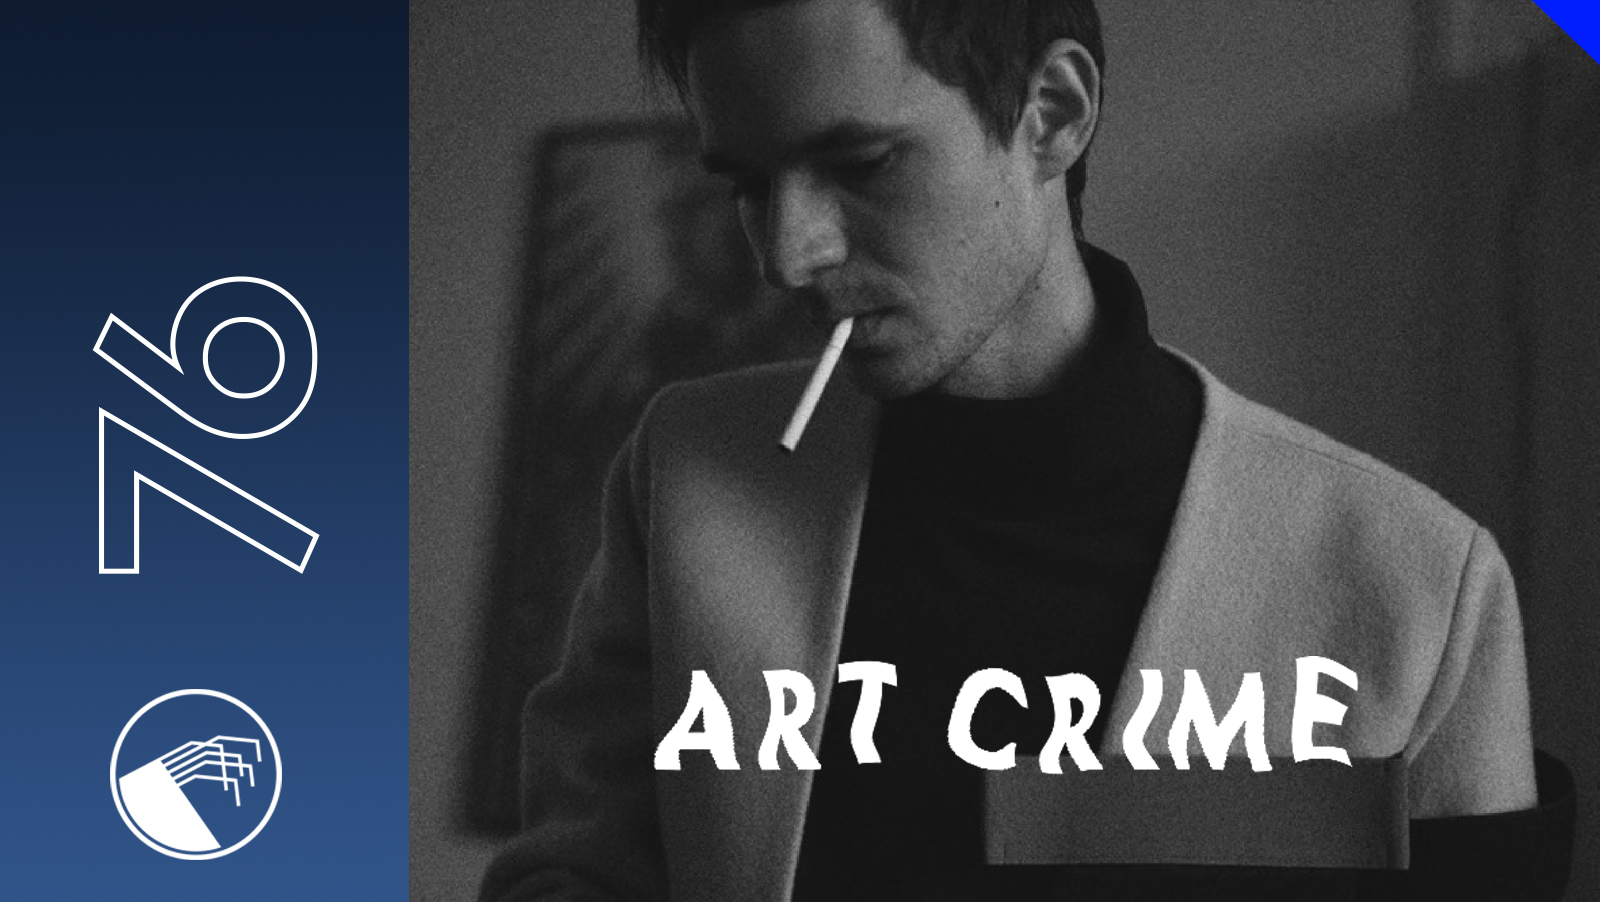 076 Art Crime